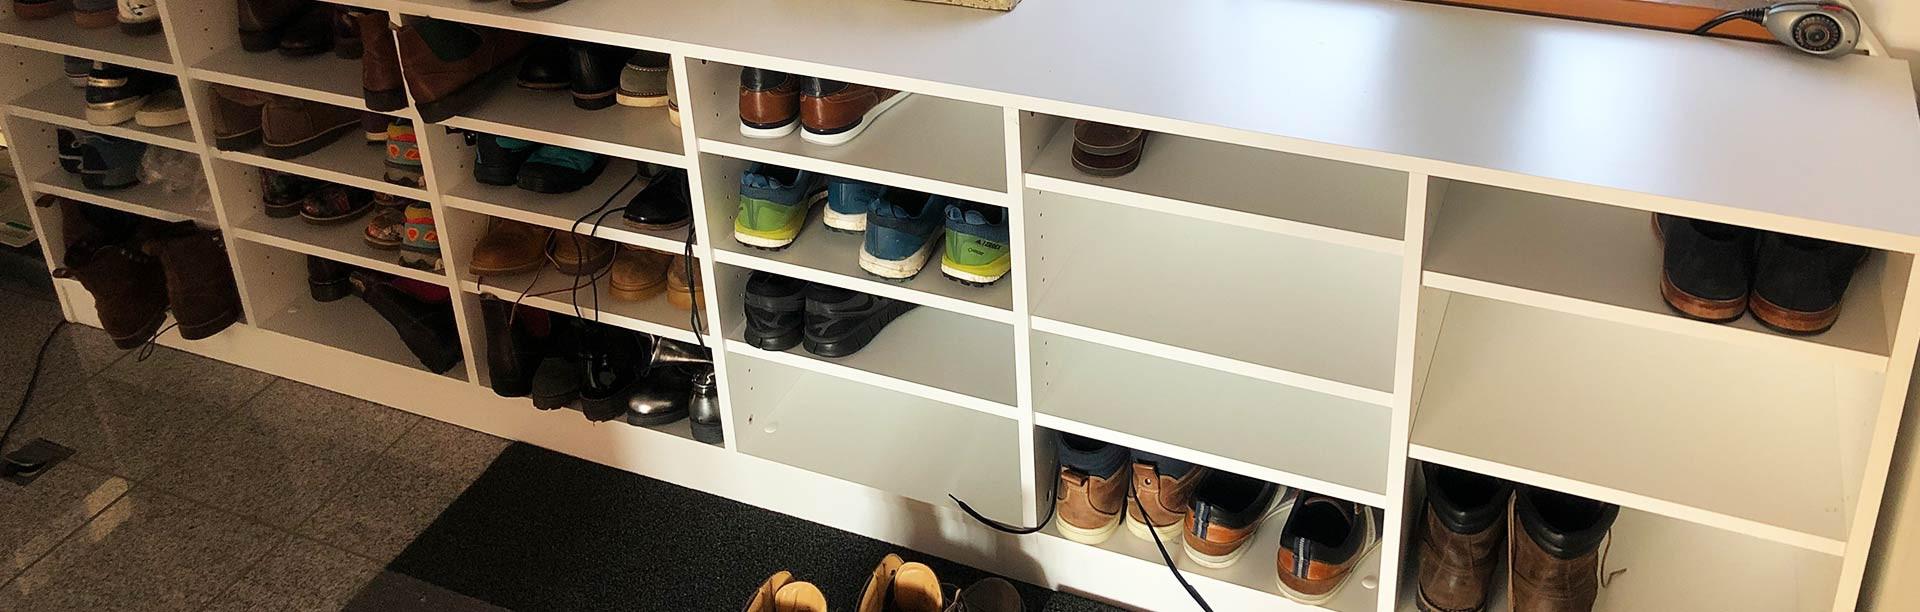 Schuhregal nach Maß – konfigurieren, bestellen, einräumen ...